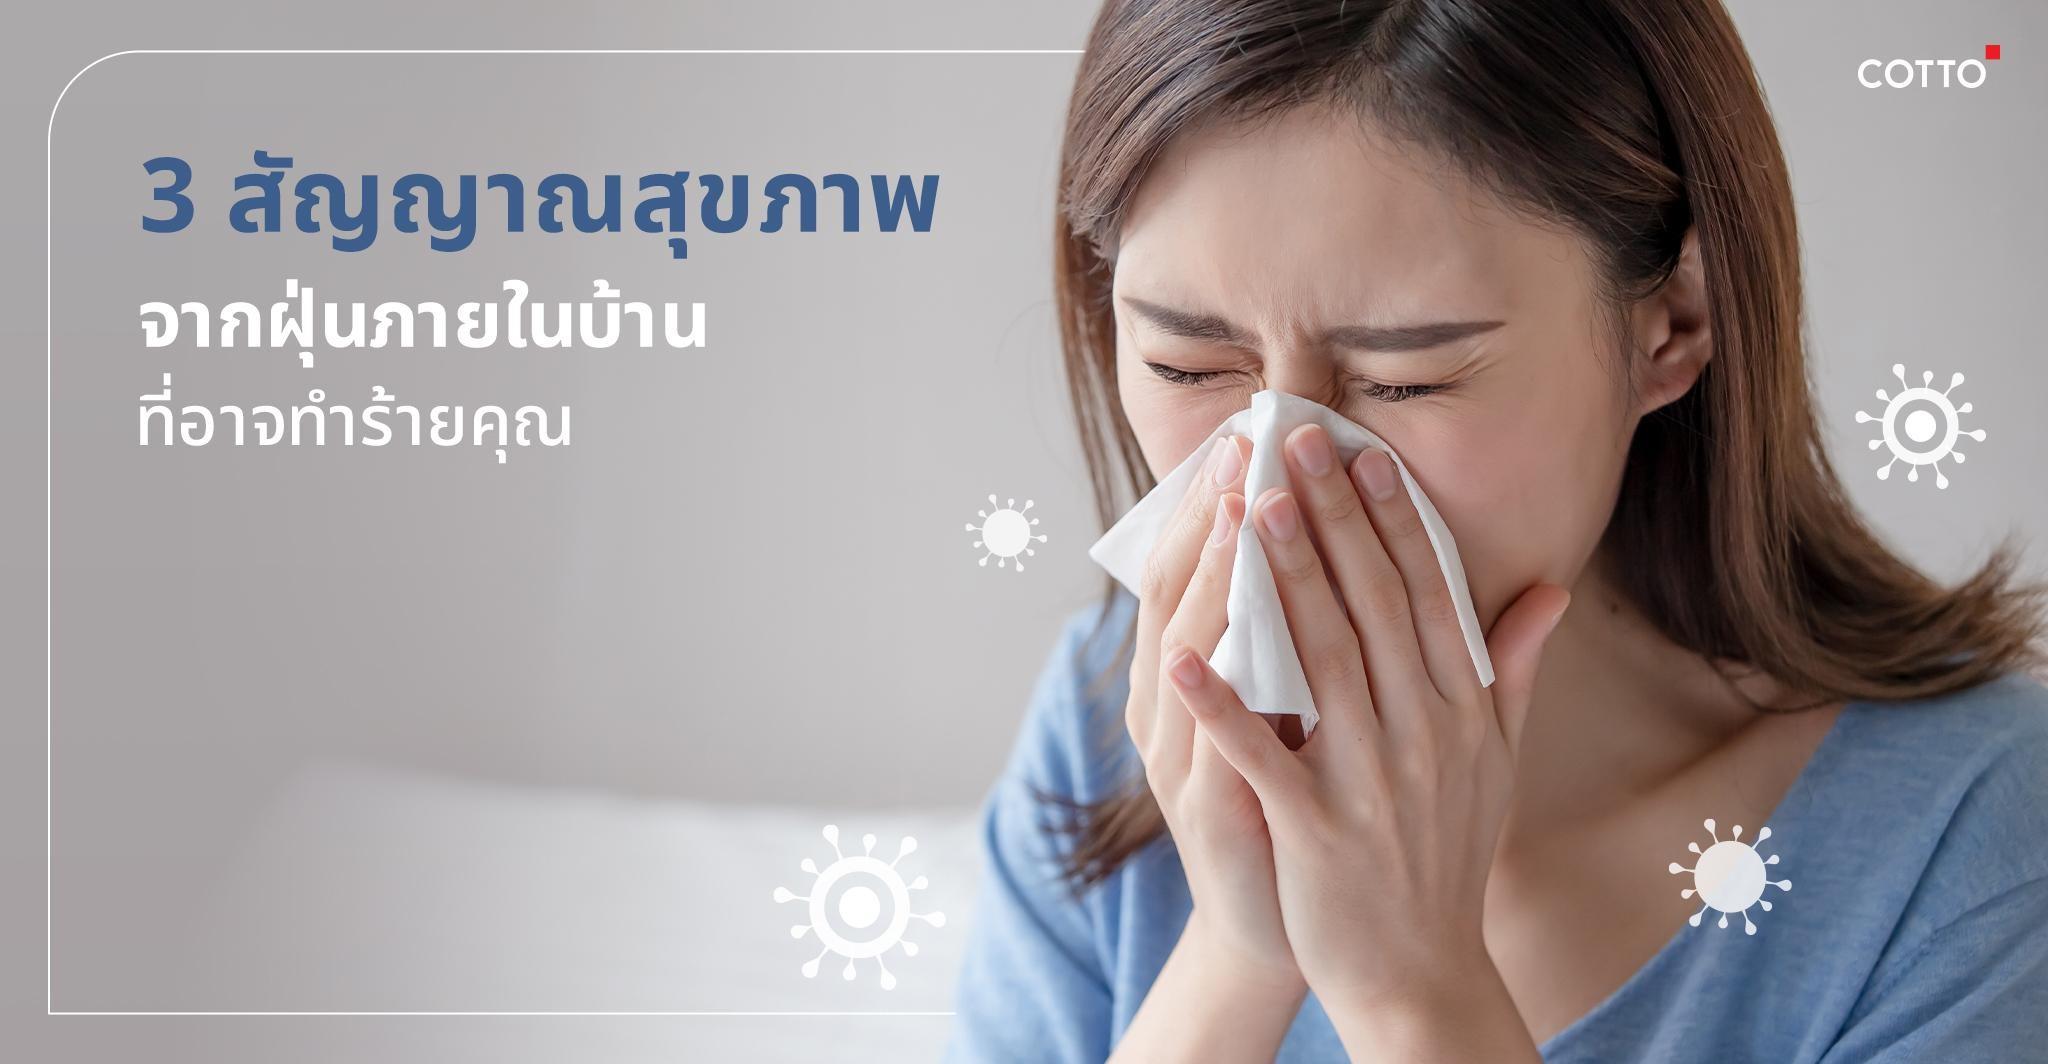 3  สัญญาณสุขภาพ จากฝุ่นภายในบ้าน ที่อาจทำร้ายคุณ